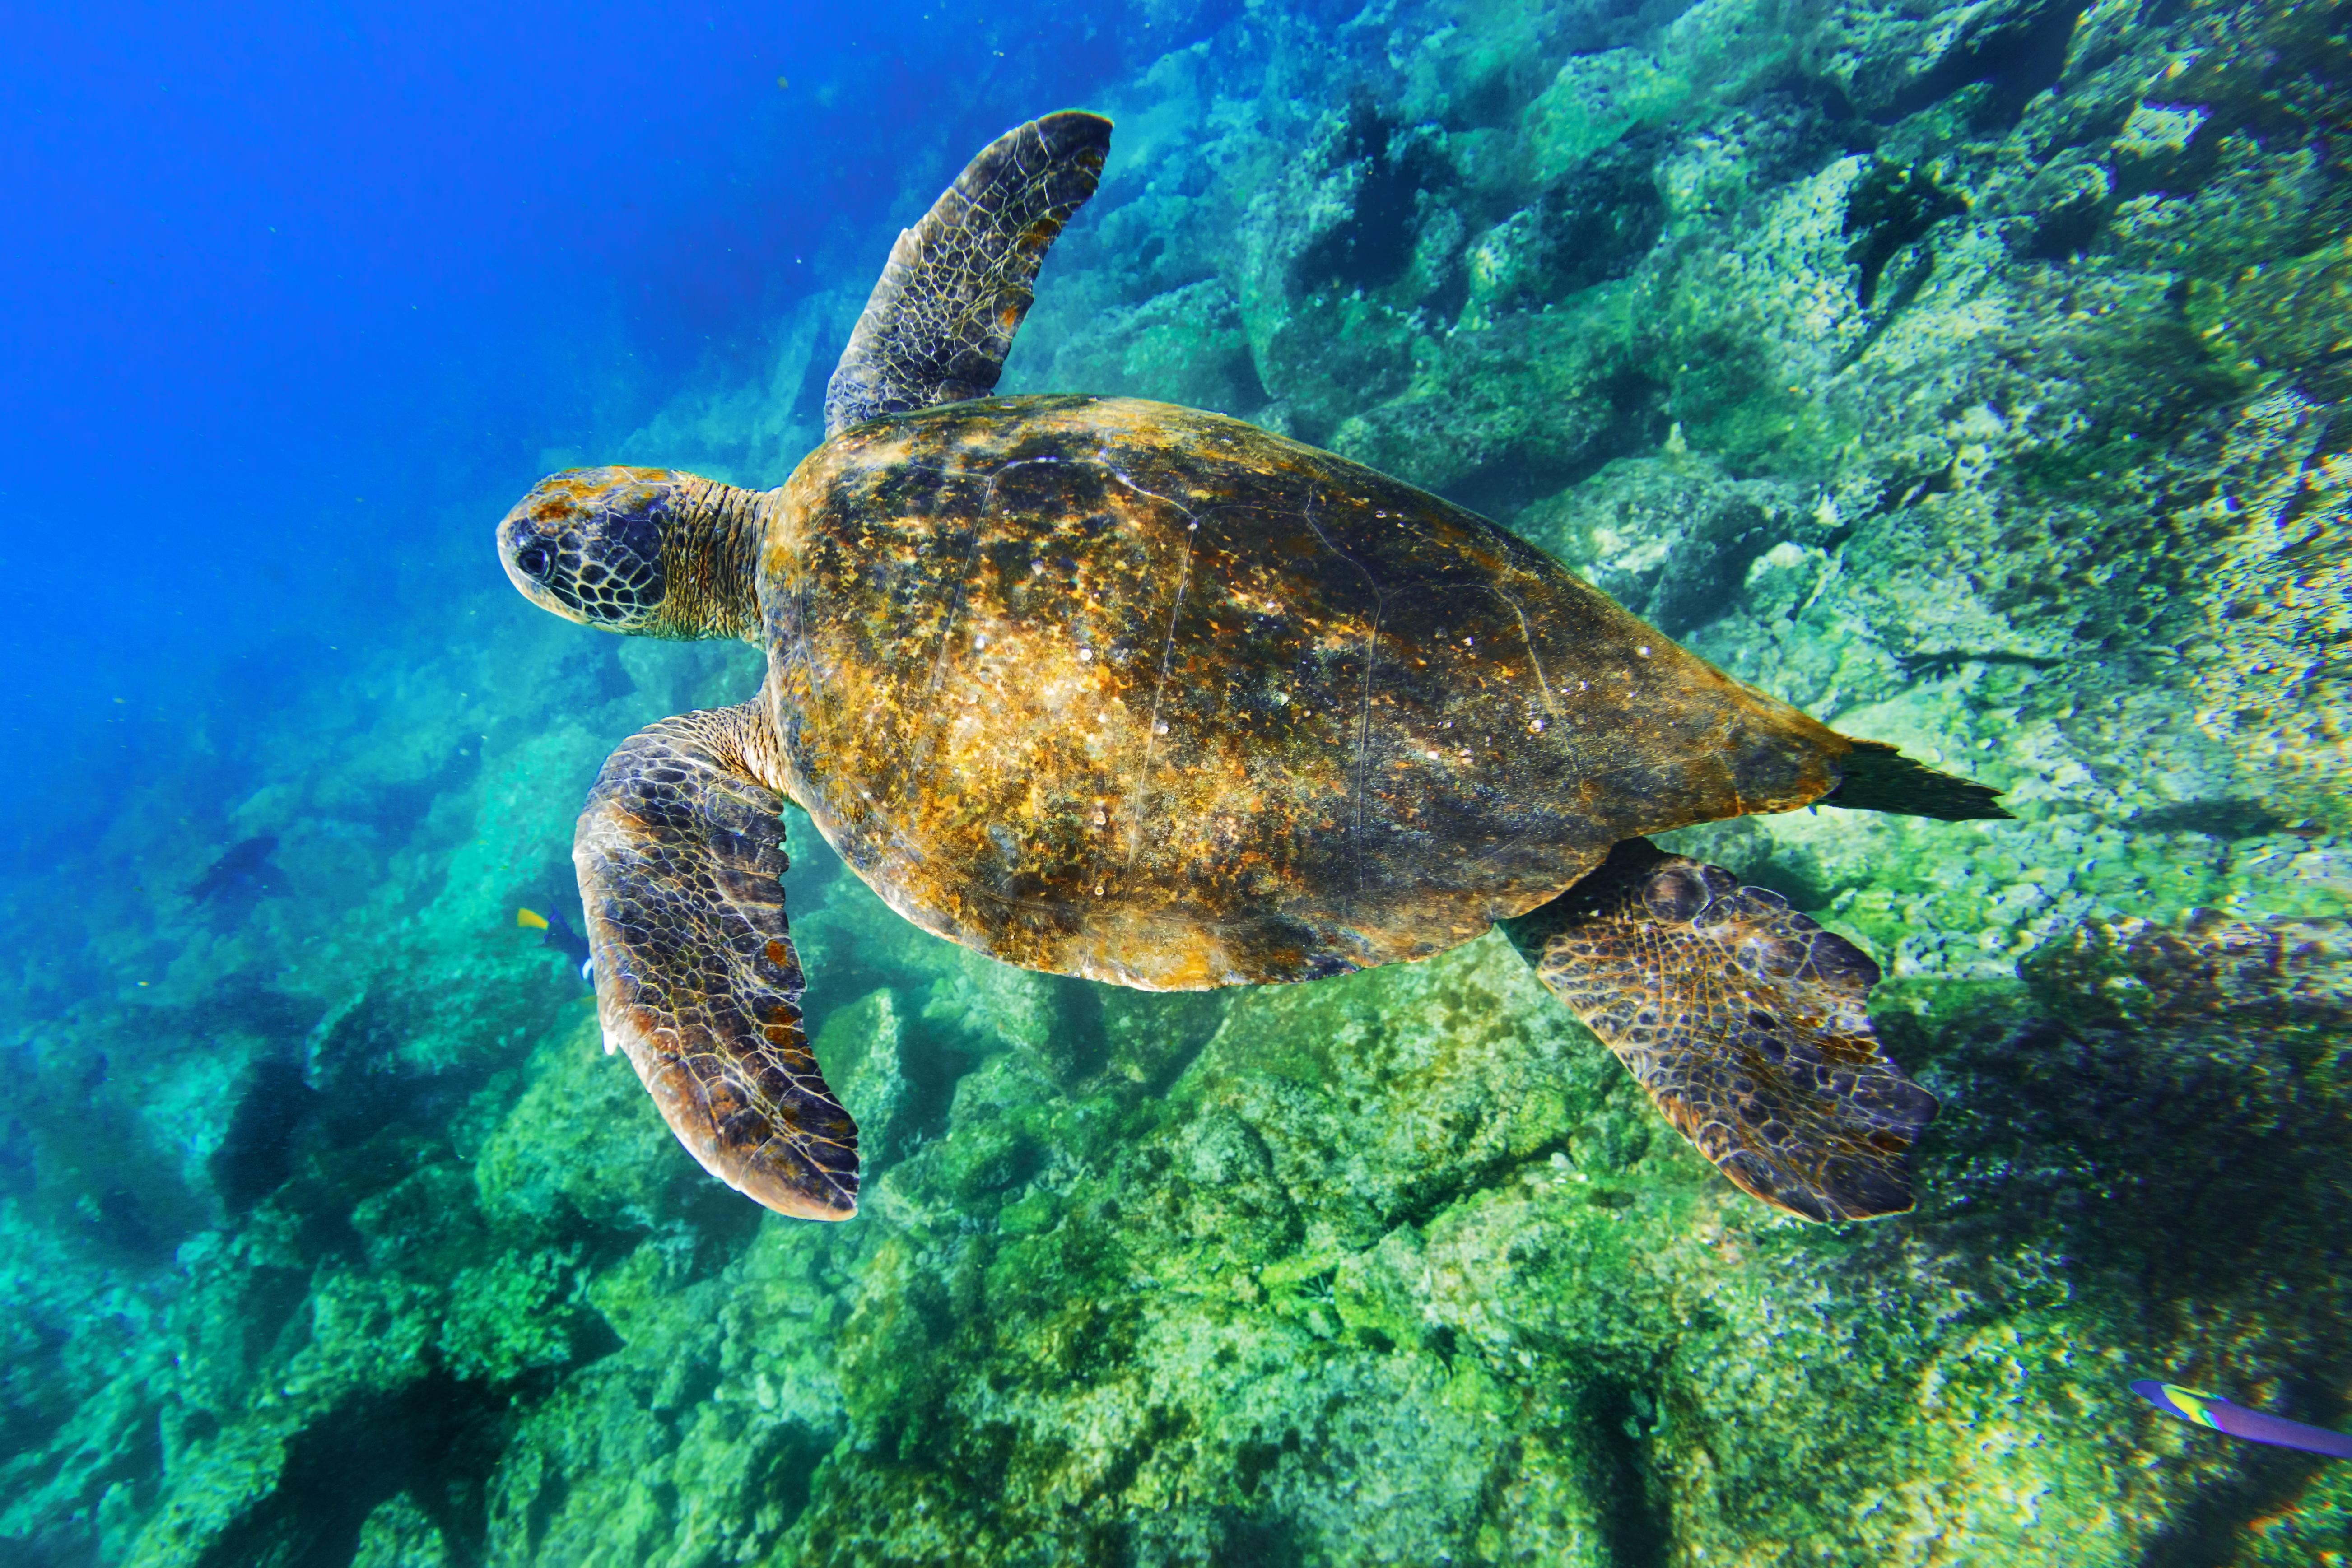 Una tortuga buceando en el mar - 5209x3473